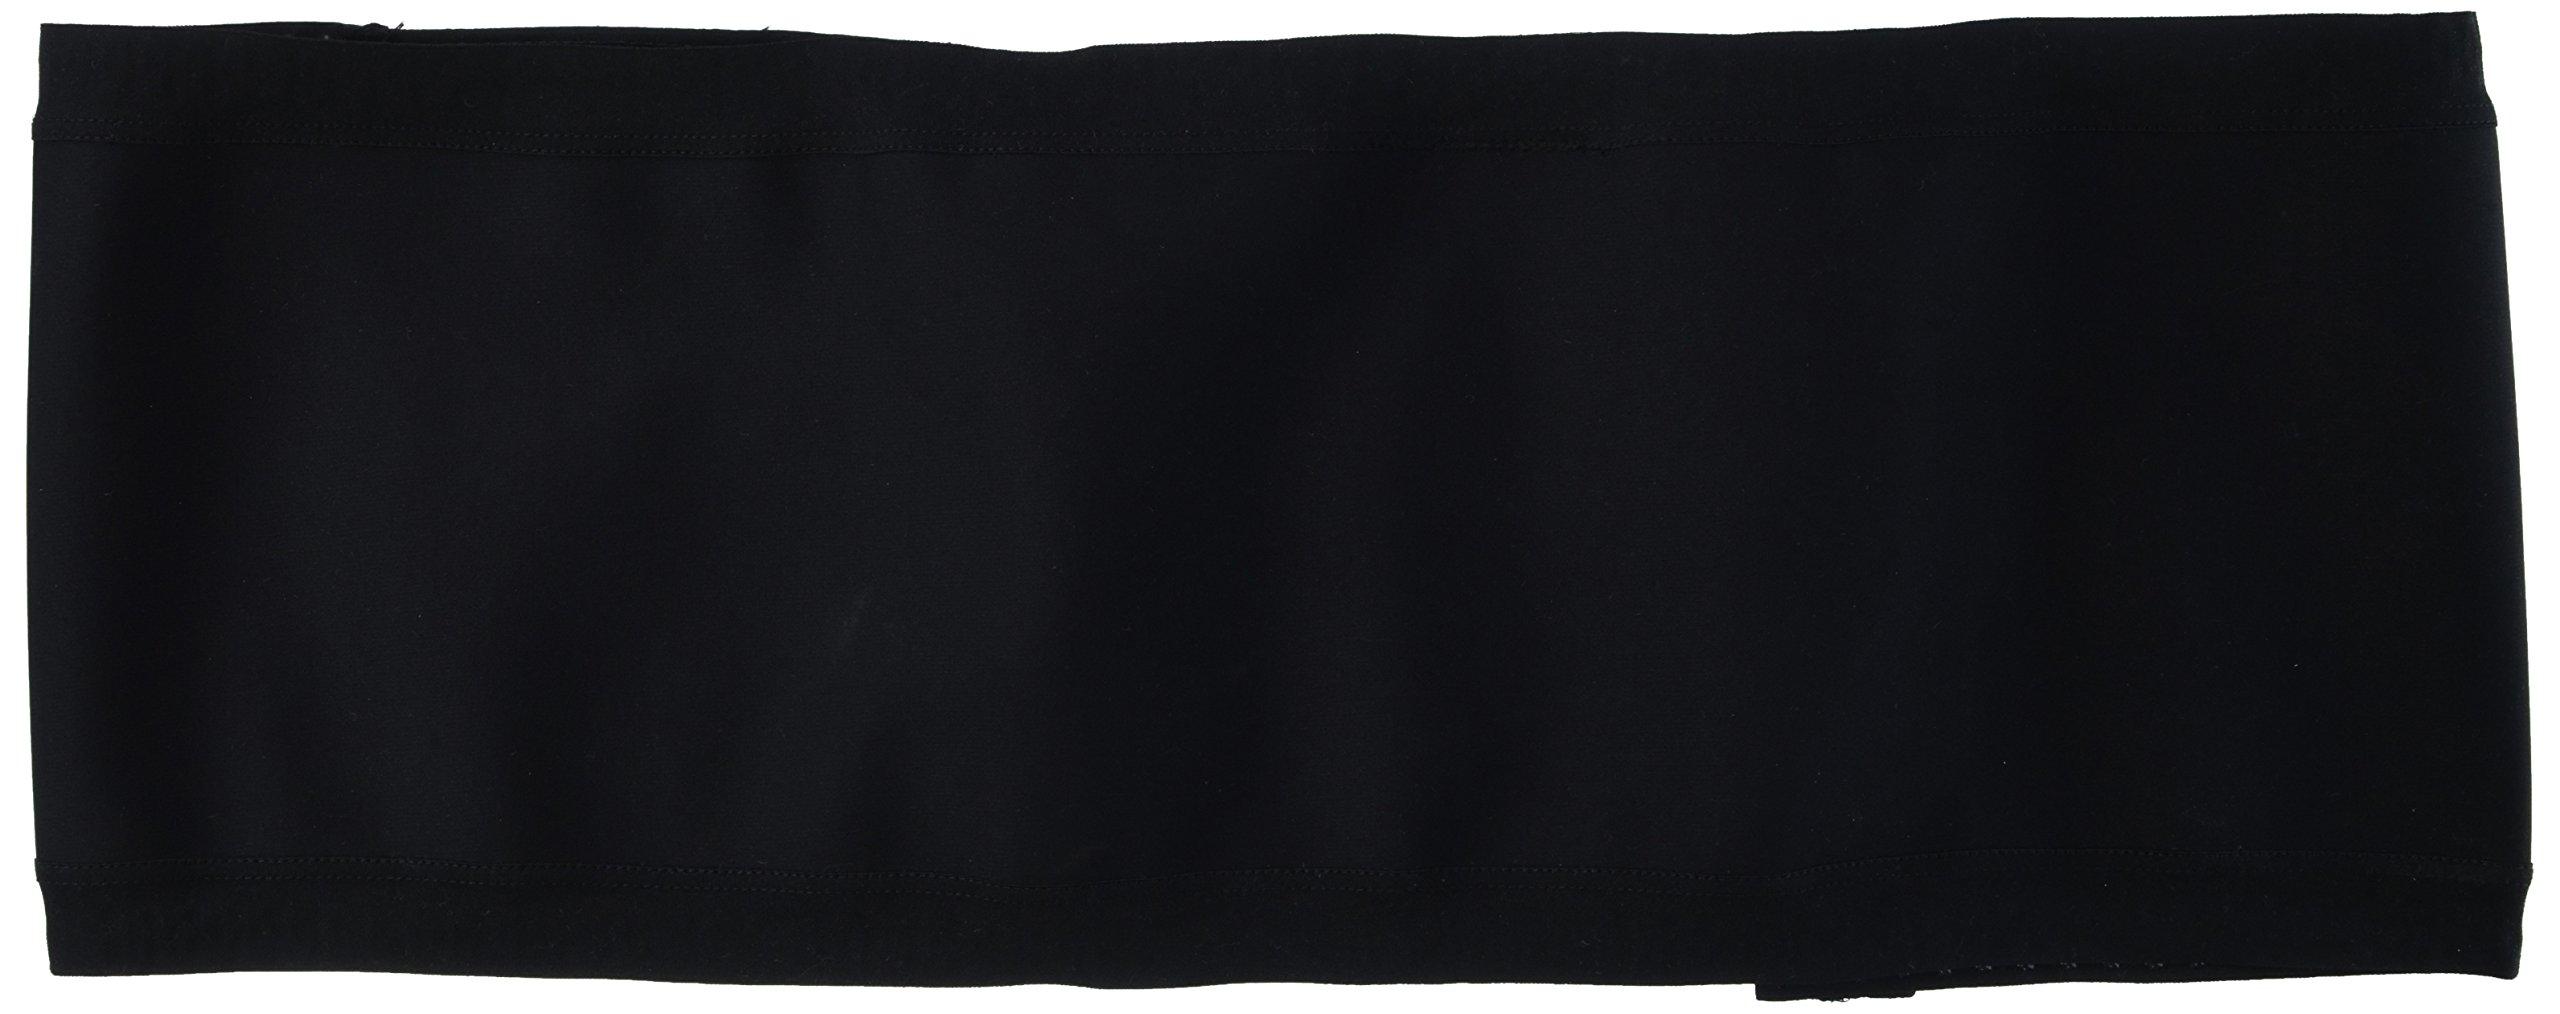 Safe n' Simple Hernia Support Belt, 20cm, Black, X-Large